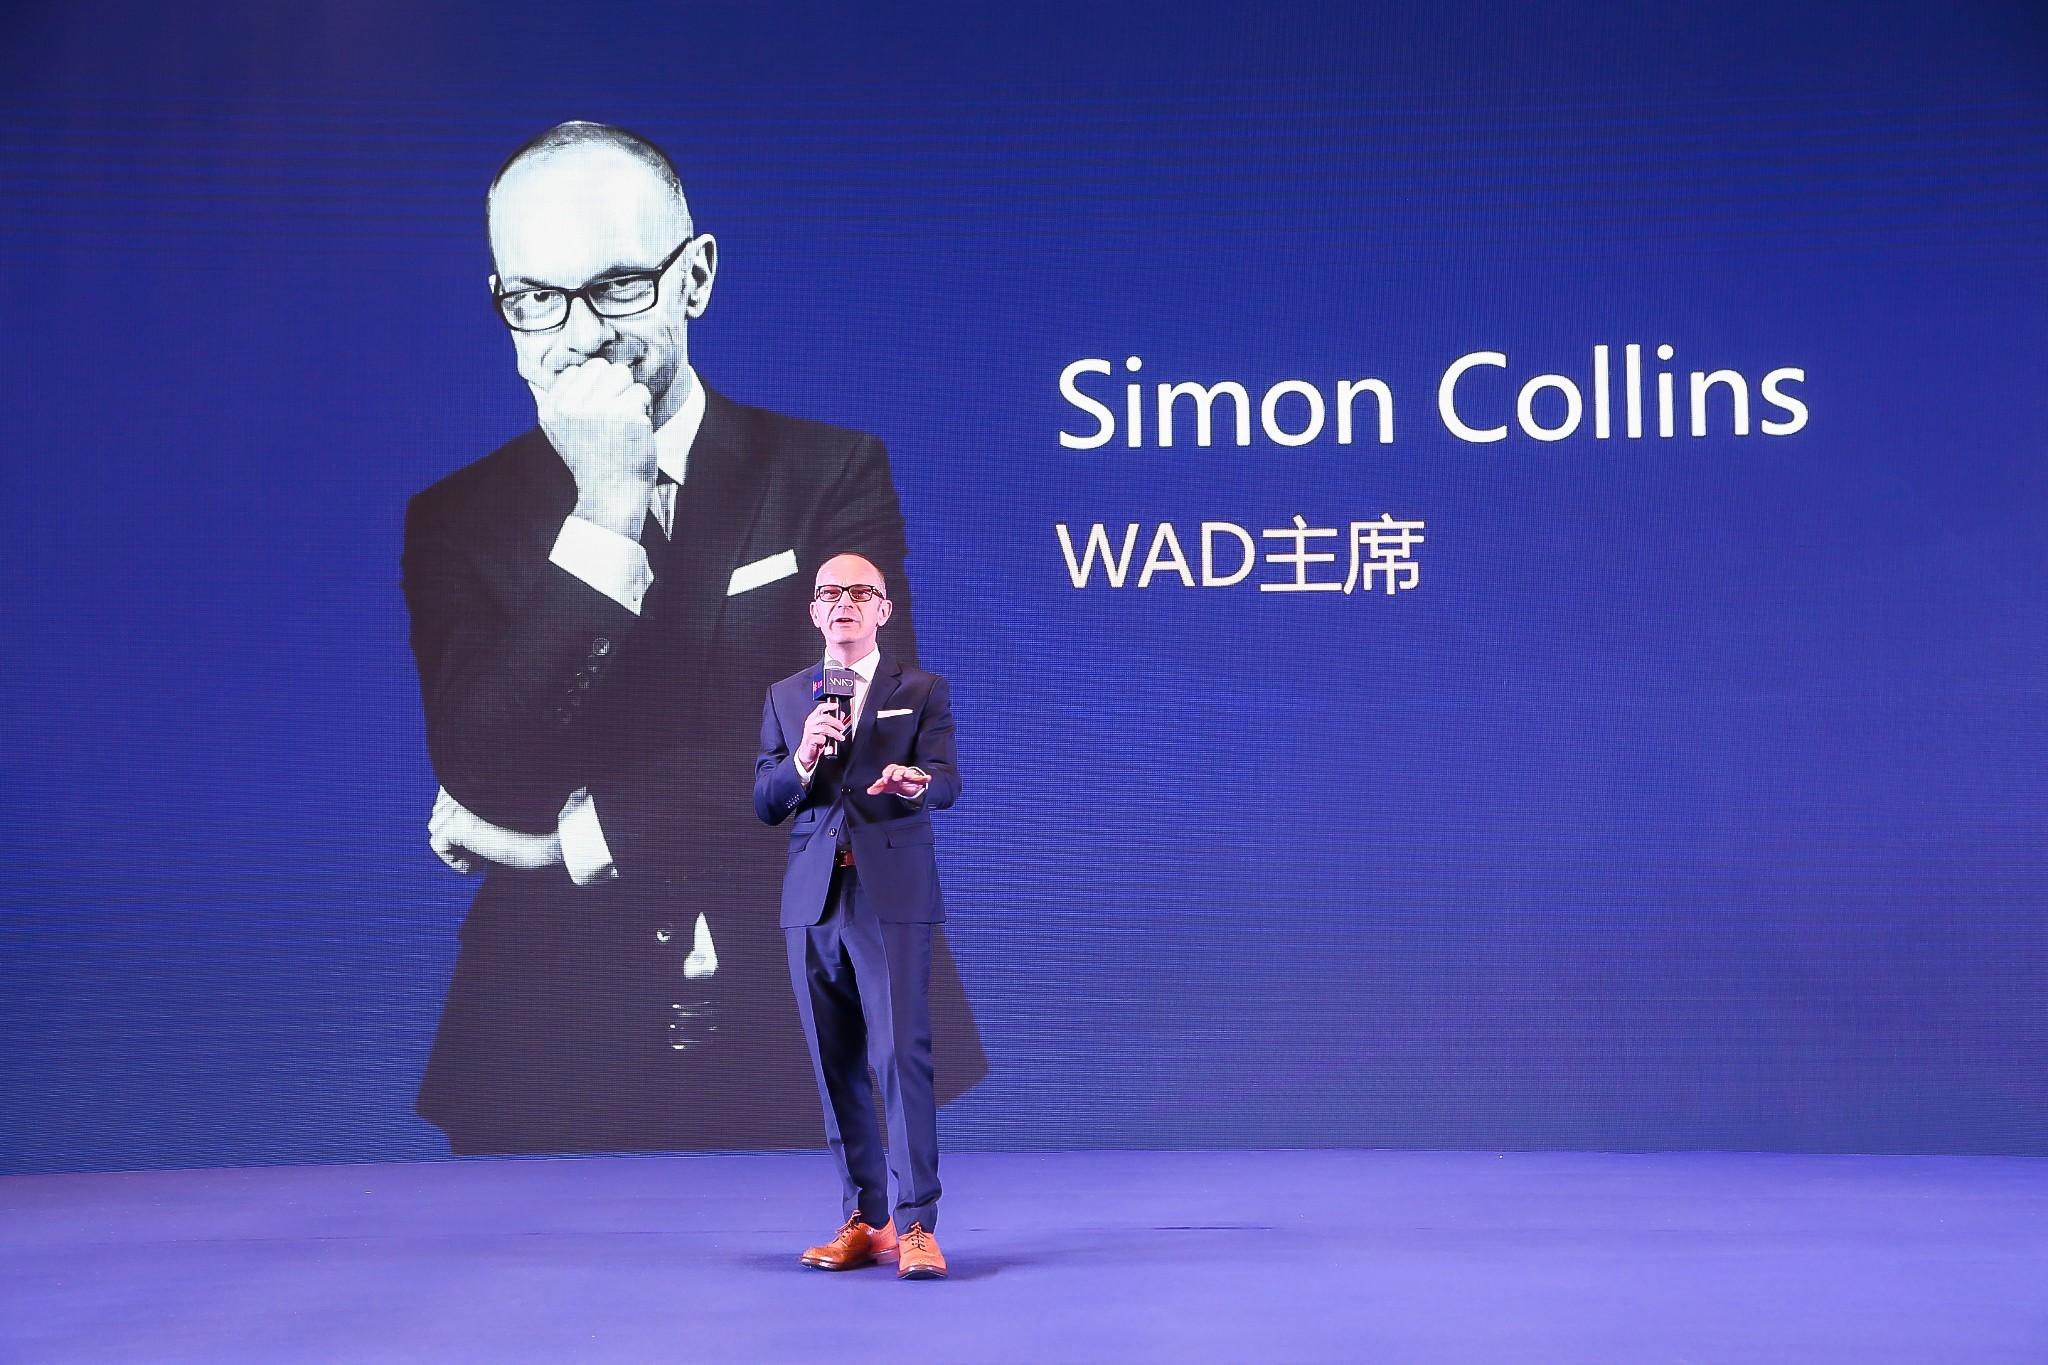 WAD2019世界青年设计师大会暨仕米设计培训全球启动仪式在上海举行